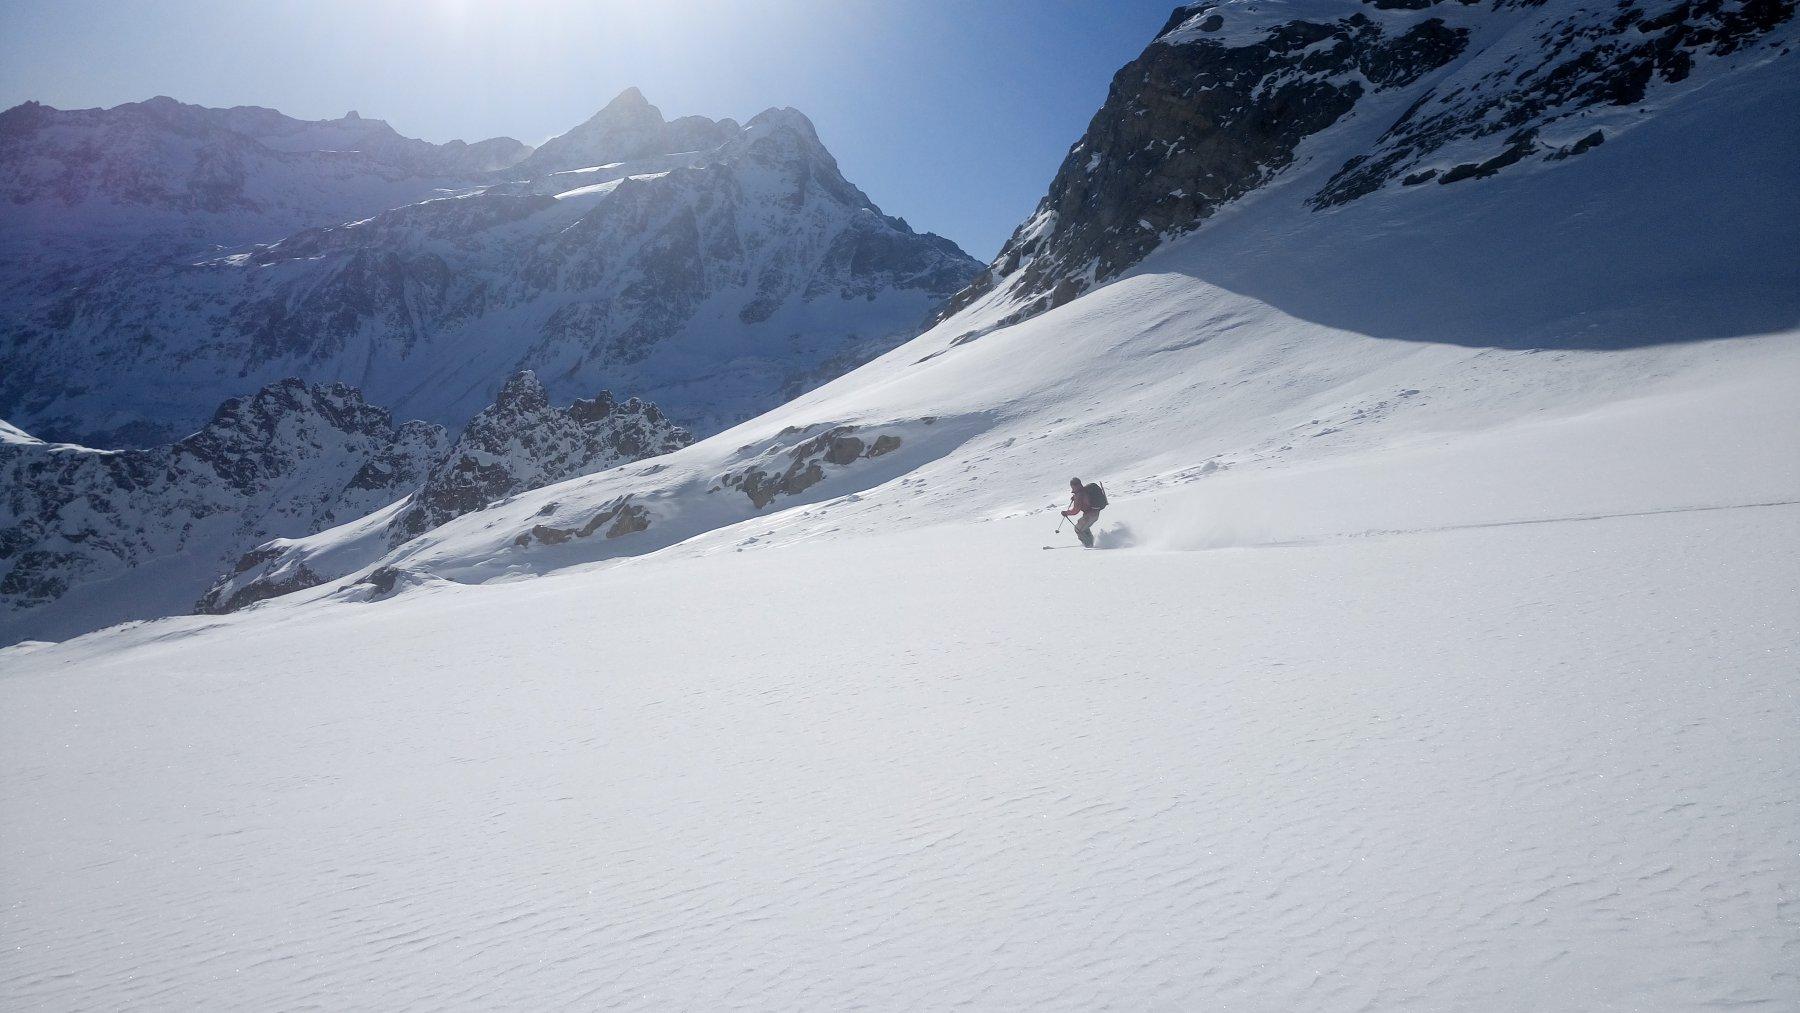 Discesa sul piccolo ghiacciaio spettacolare